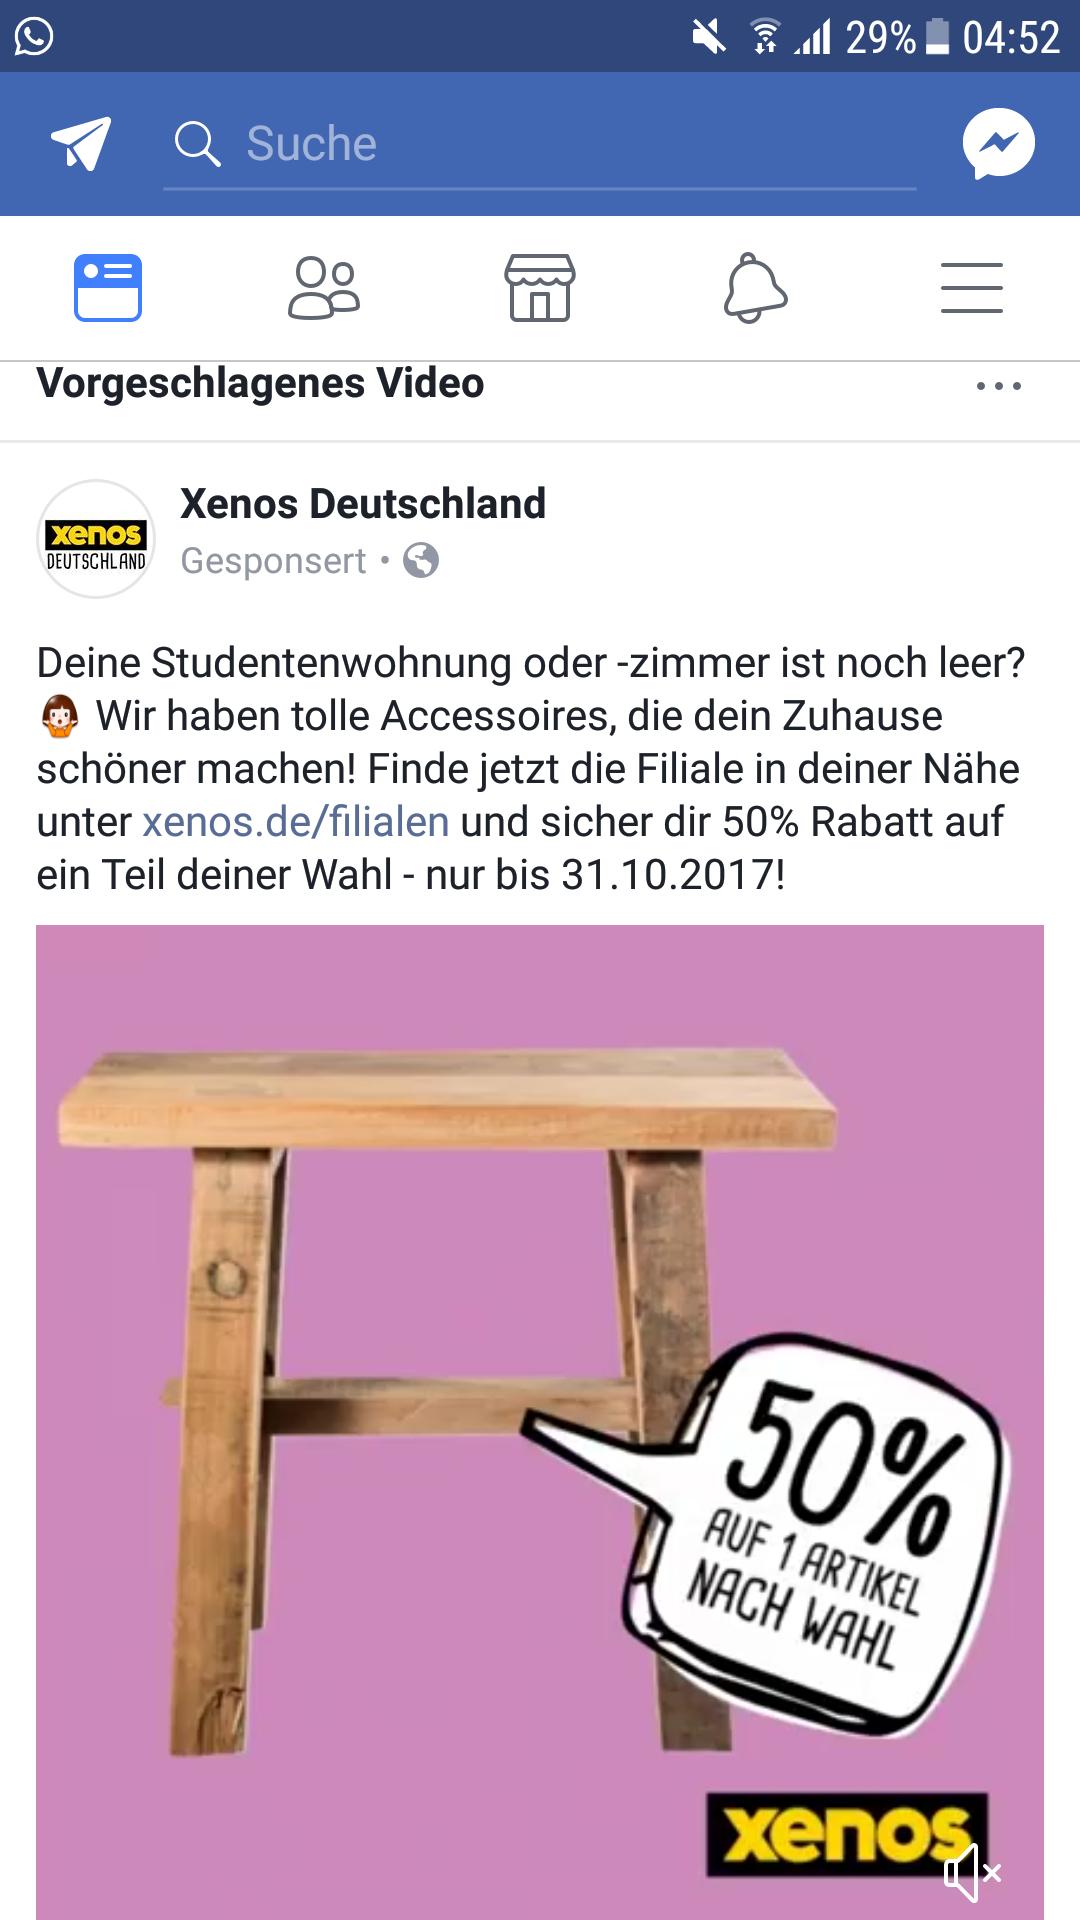 Xenos: 50% Rabatt für Studenten auf Artikel nach Wahl